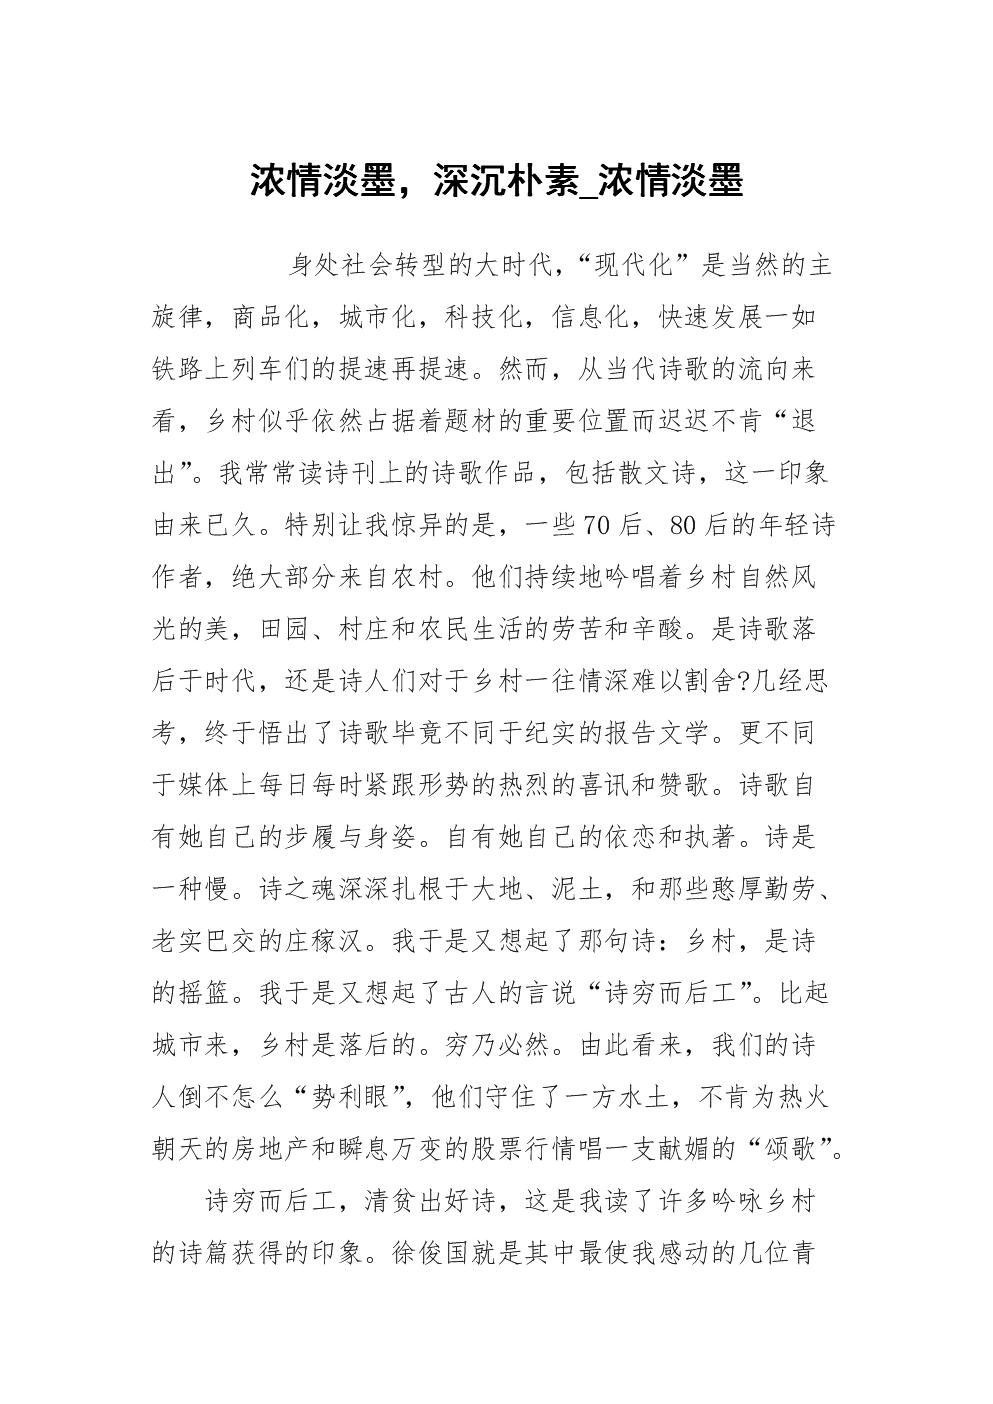 浓情淡墨,深沉朴素_浓情淡墨.docx